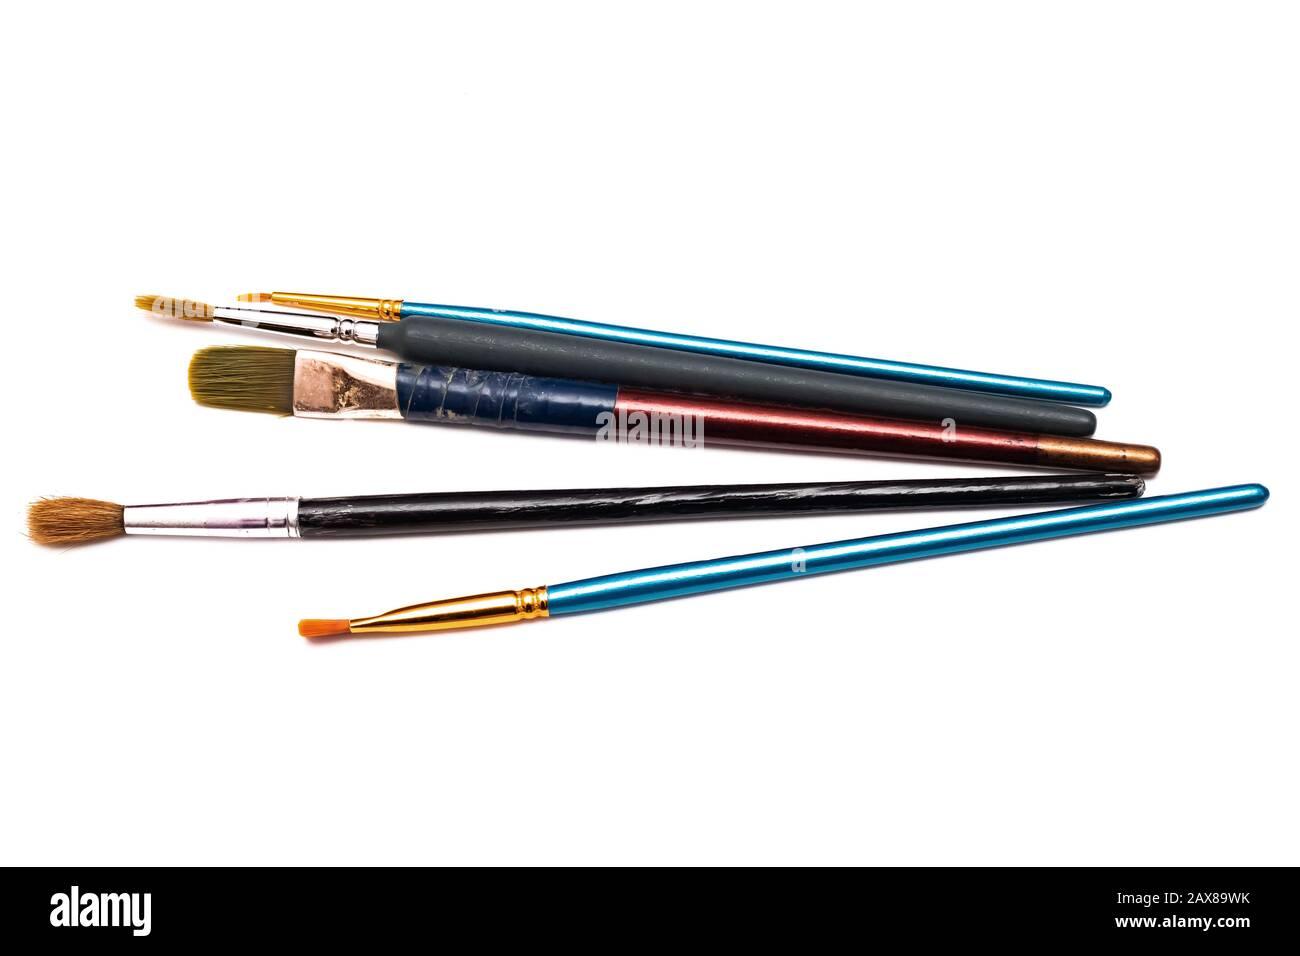 Brosses et crayons, isolés sur fond blanc Banque D'Images